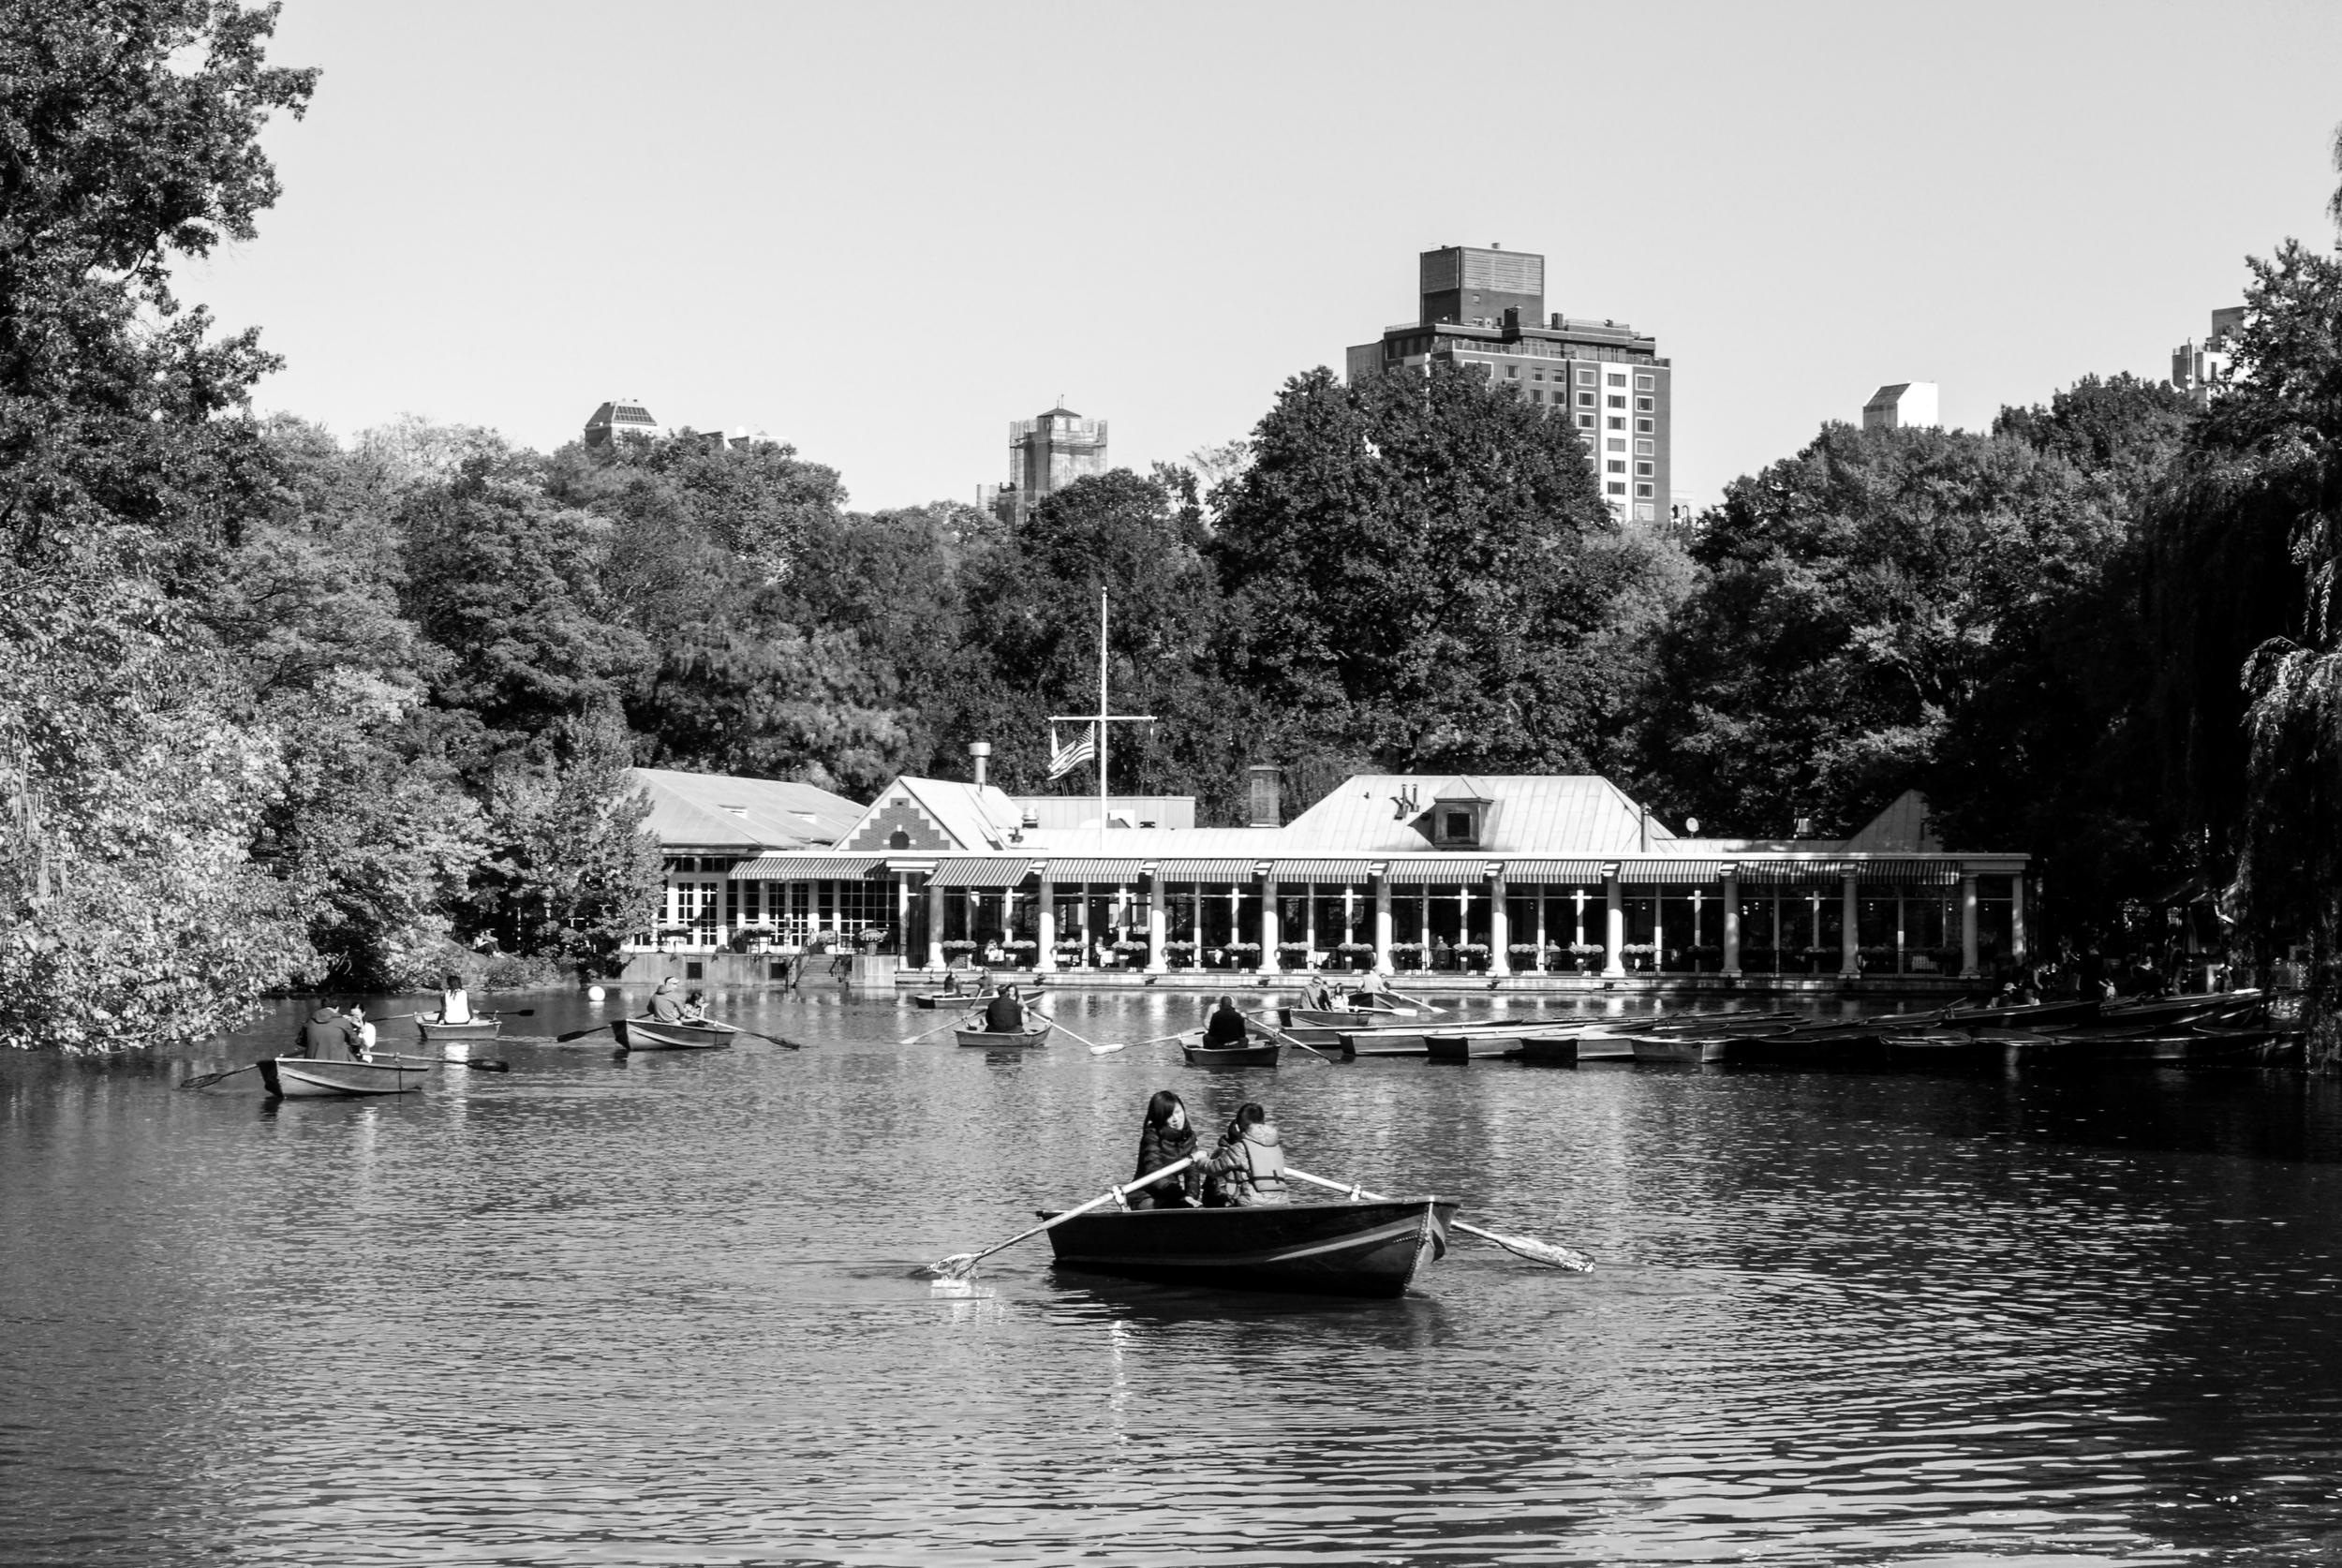 NYC_CityShots-0157.JPG